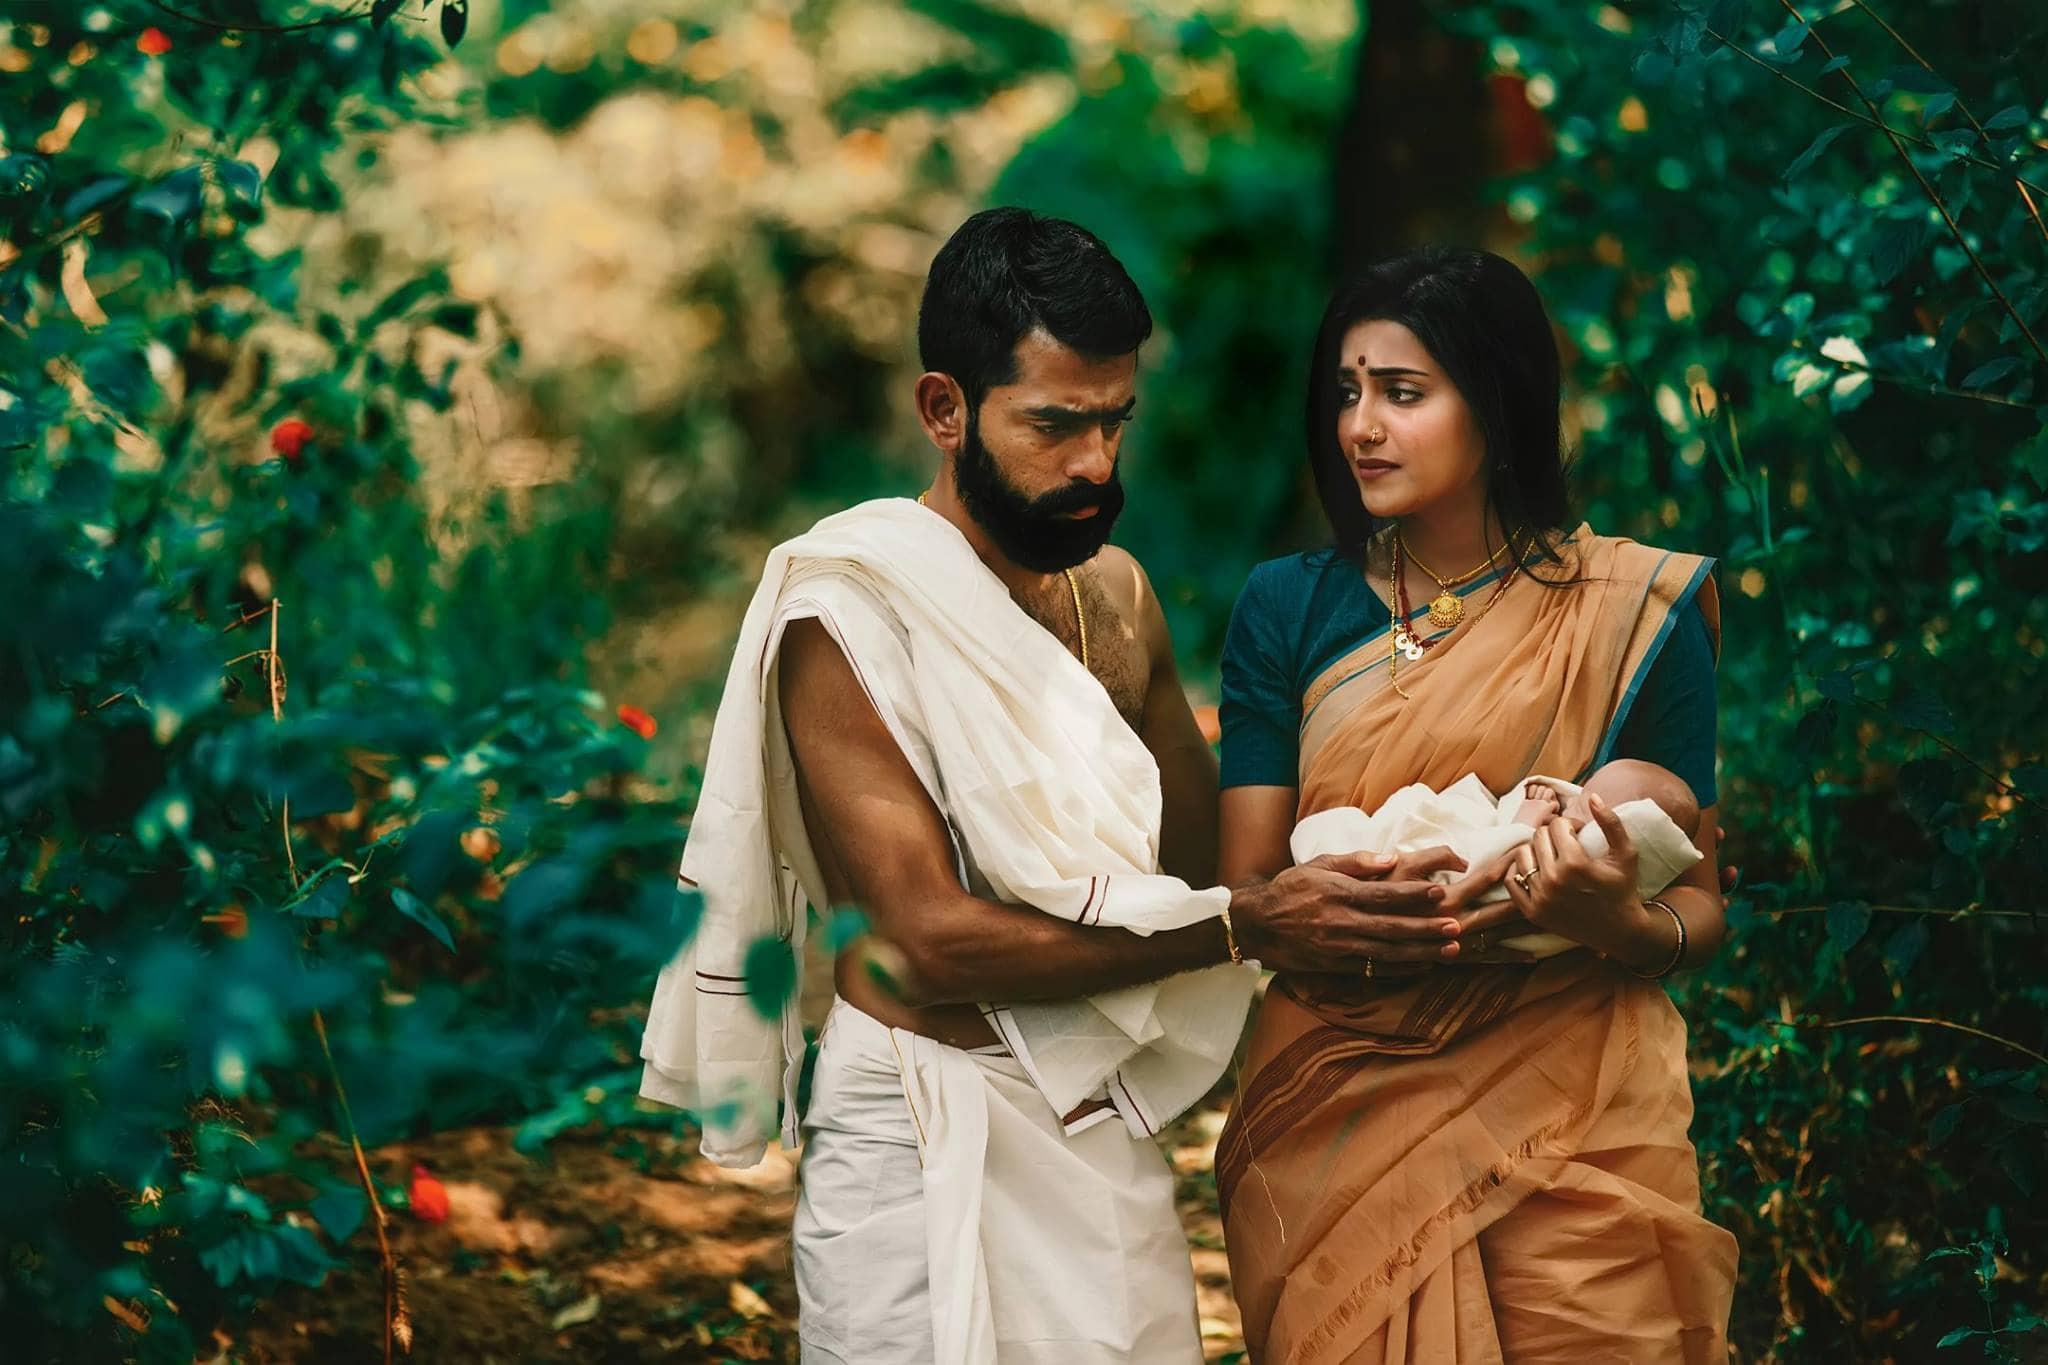 An-Award-winning-photo-story-Avani-By-Arjun-Kamath-35